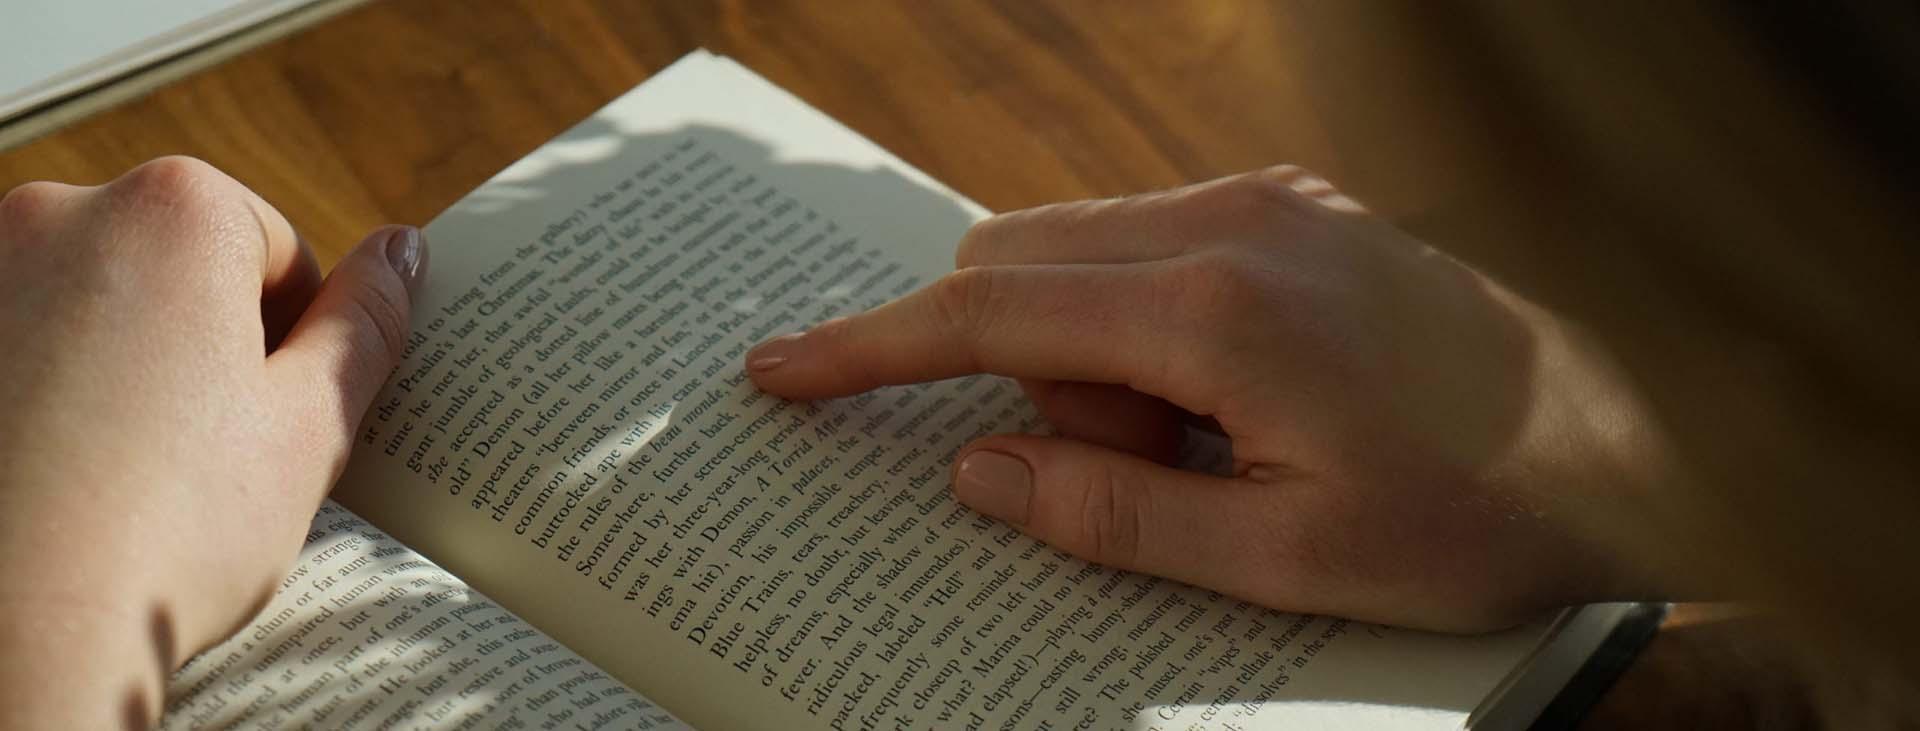 mens die een boek an het lezen is